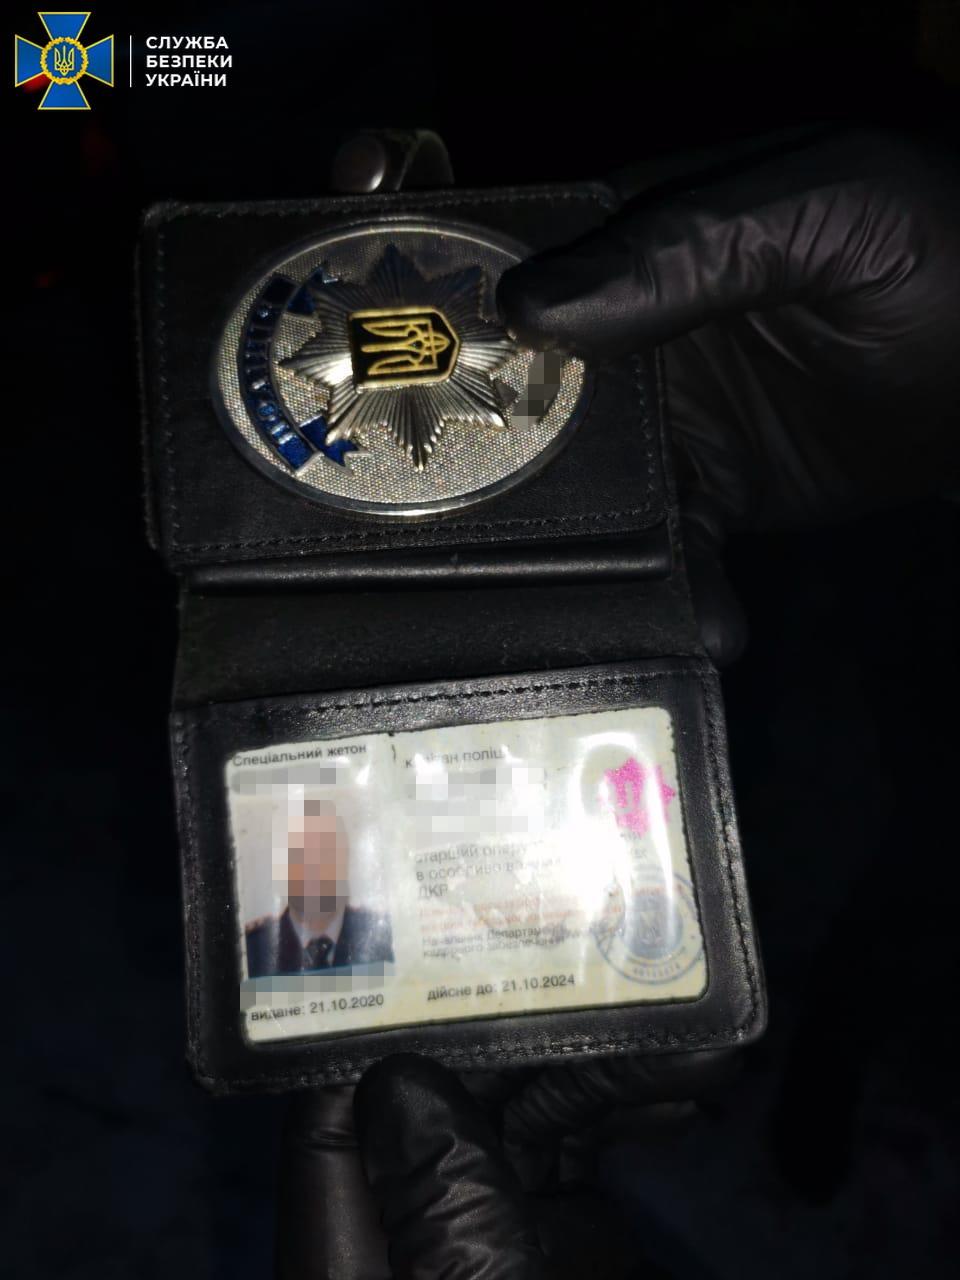 У Києві поліцейський вимагав 10 тис.$ хабаря - хабар, Поліція, Київ - 5cb14428e355995006168d869429369a